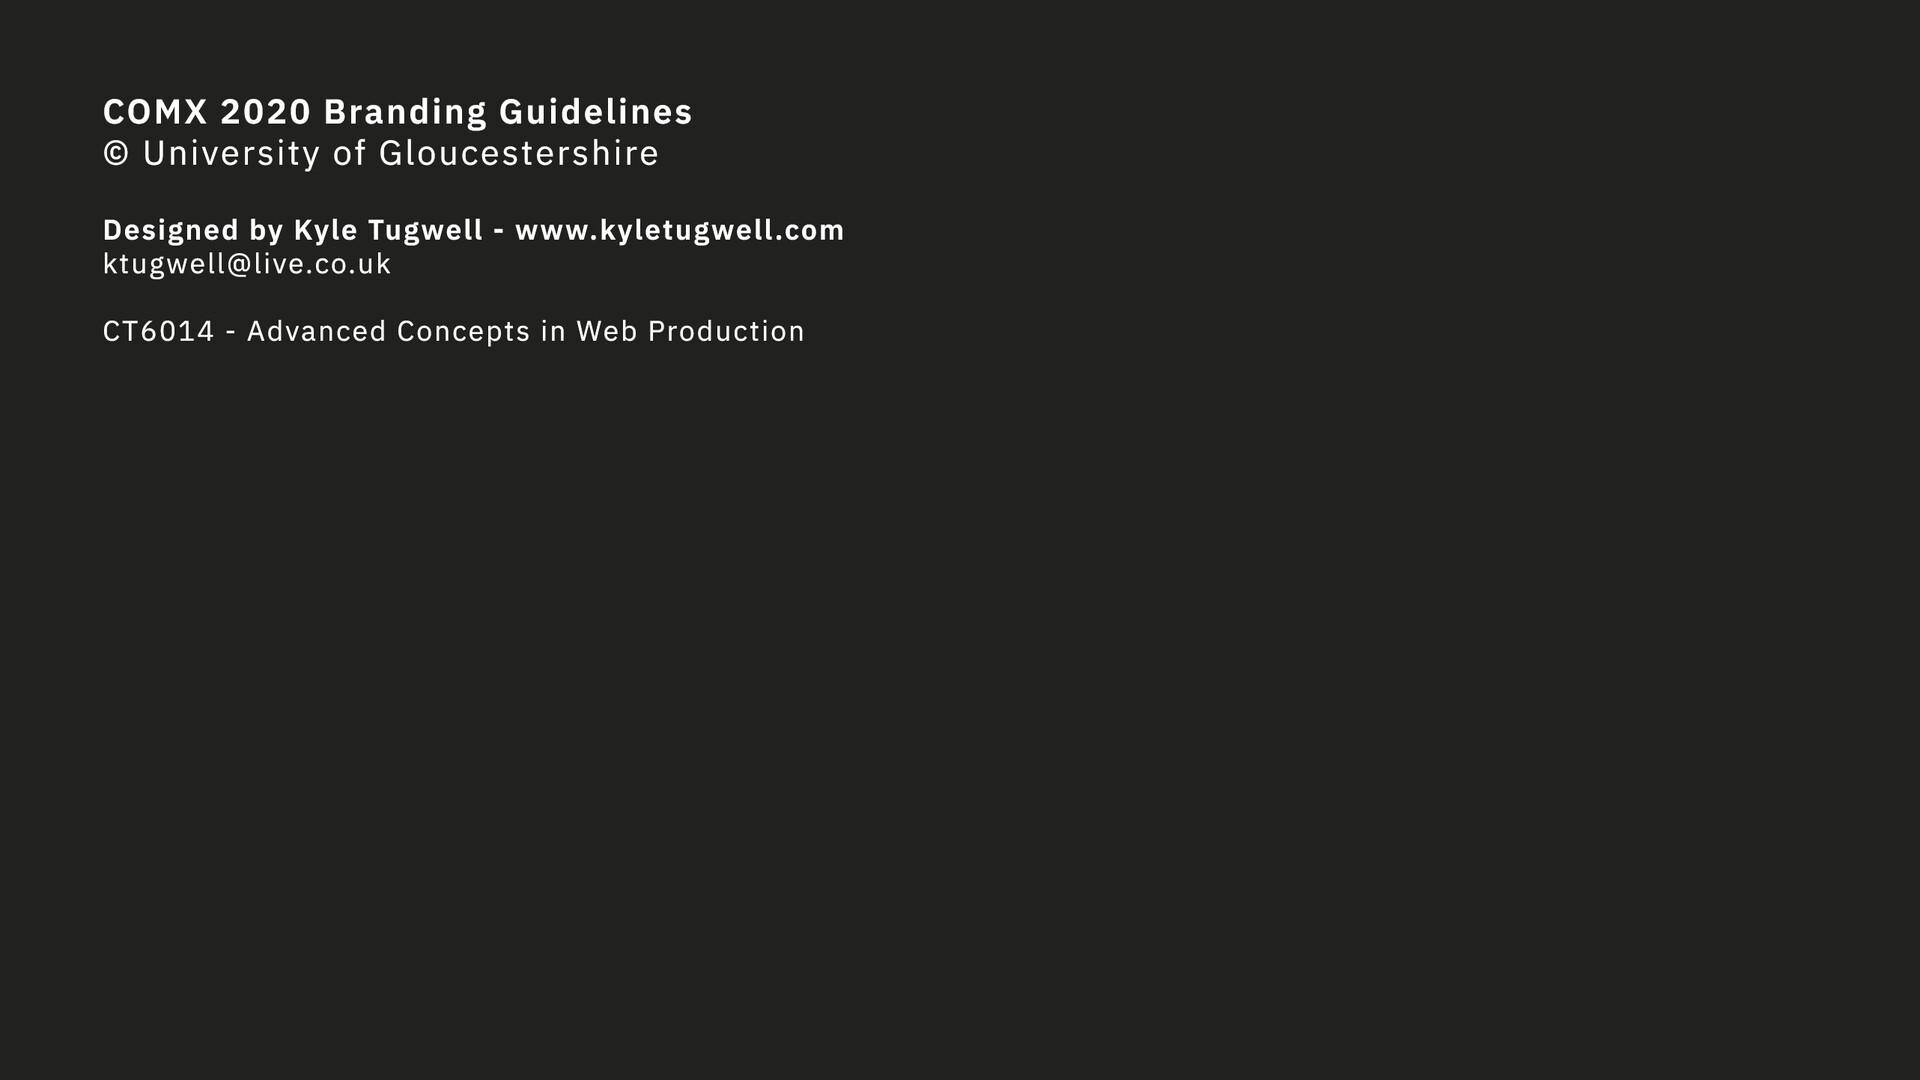 Kyle tugwell s1602904 comxbrandingguidelinesend